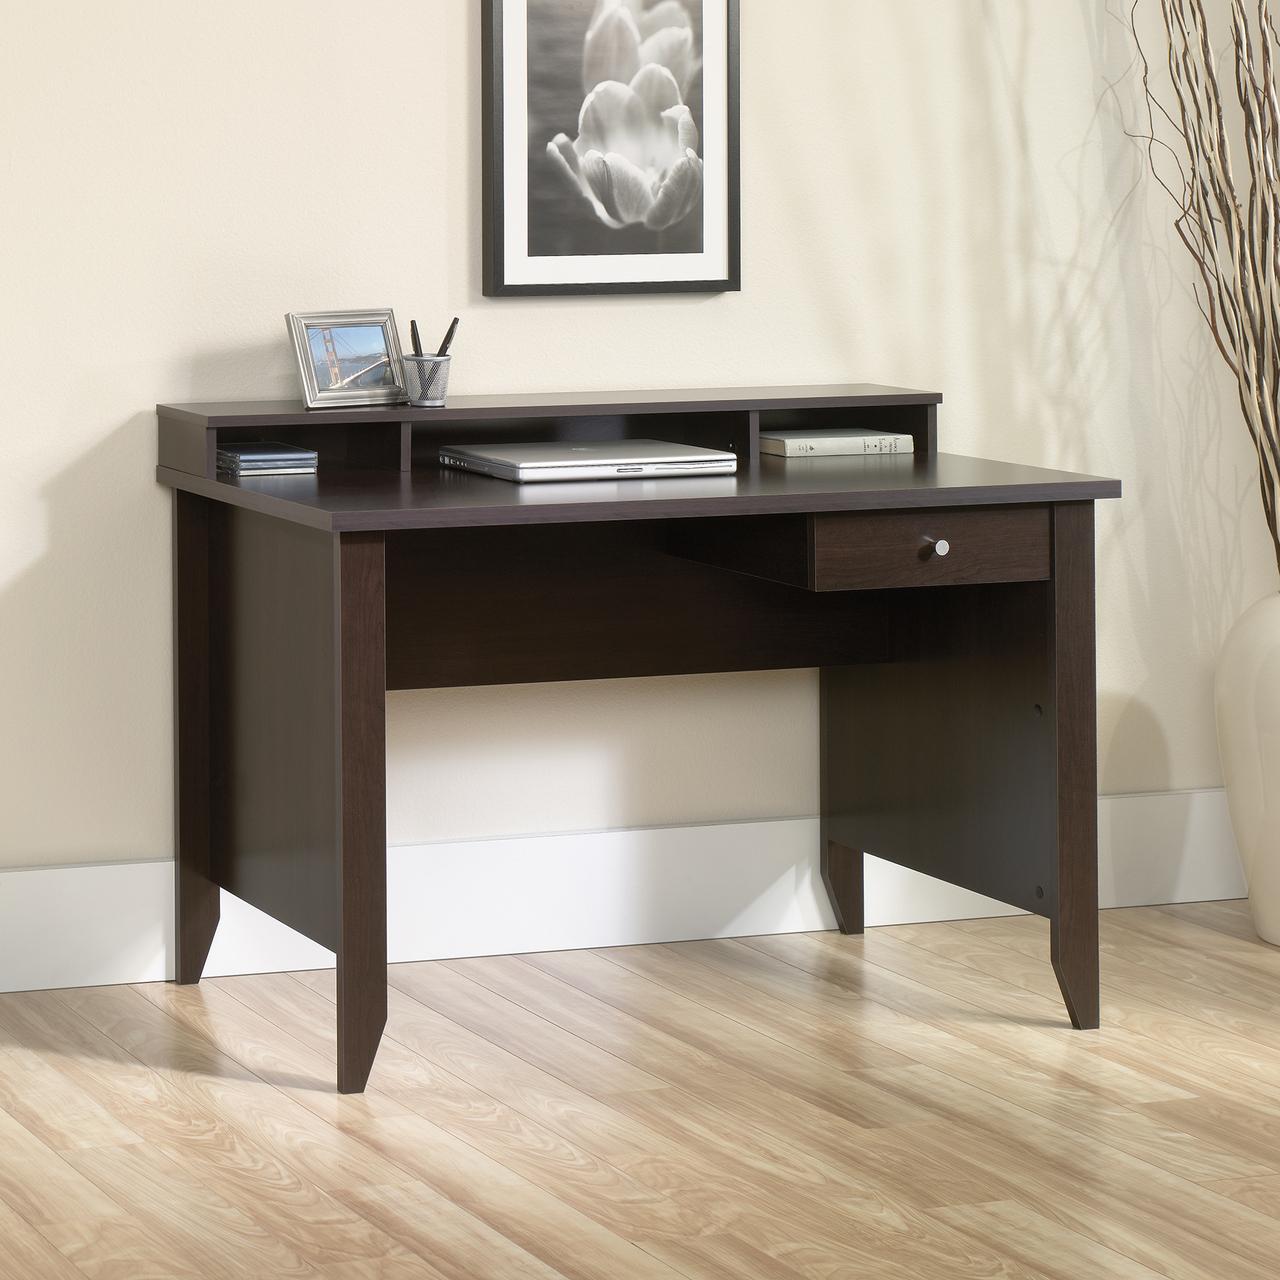 Sauder Select Writing Desk 418269 Sauder The